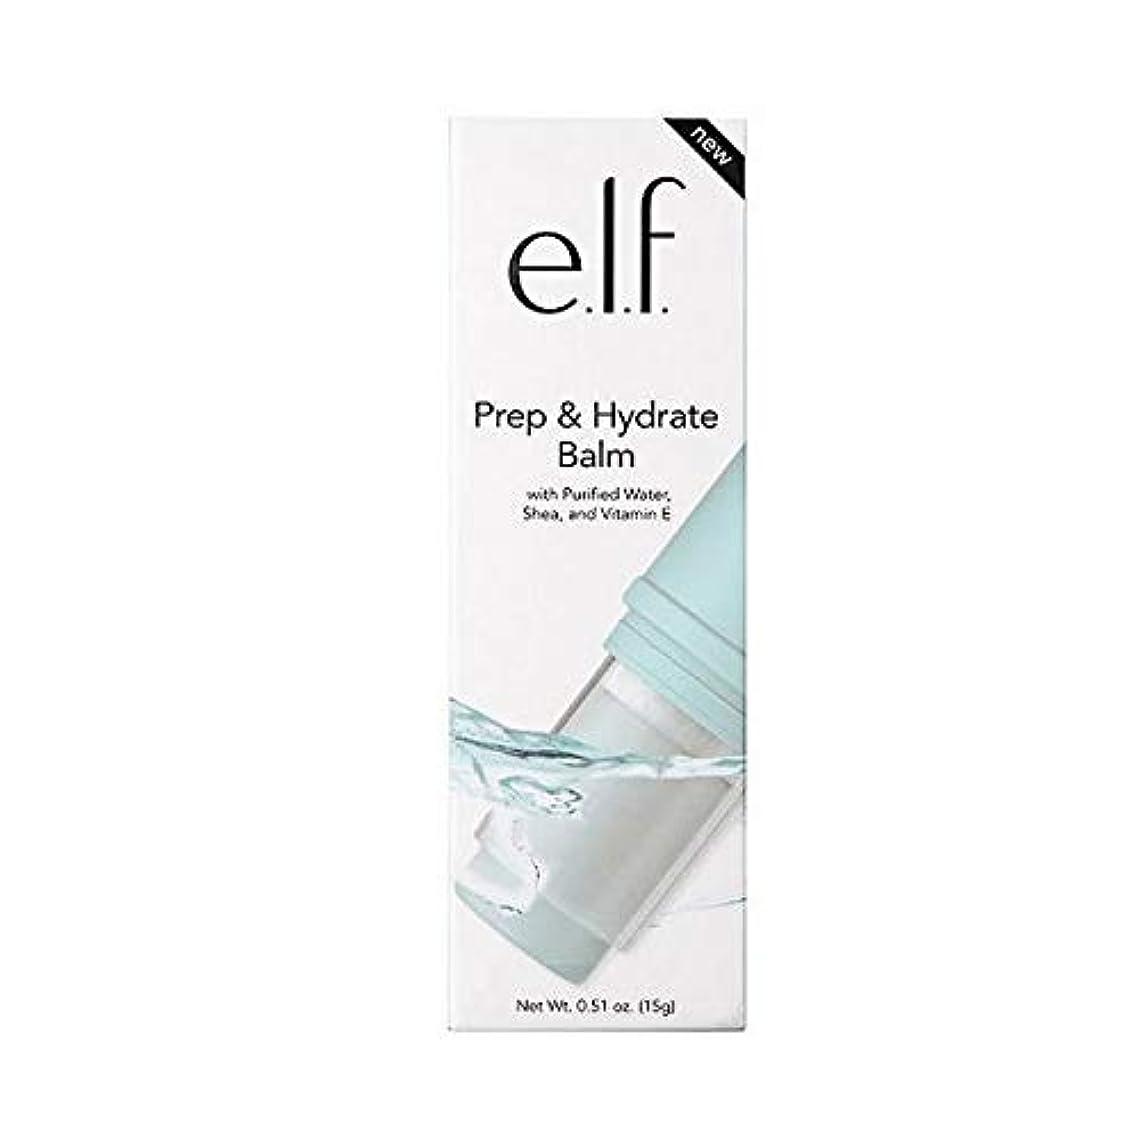 めるキャンバスご覧ください[Elf ] エルフ。予備校&ハイドレートクリーム - e.l.f. Prep & Hydrate Balm [並行輸入品]